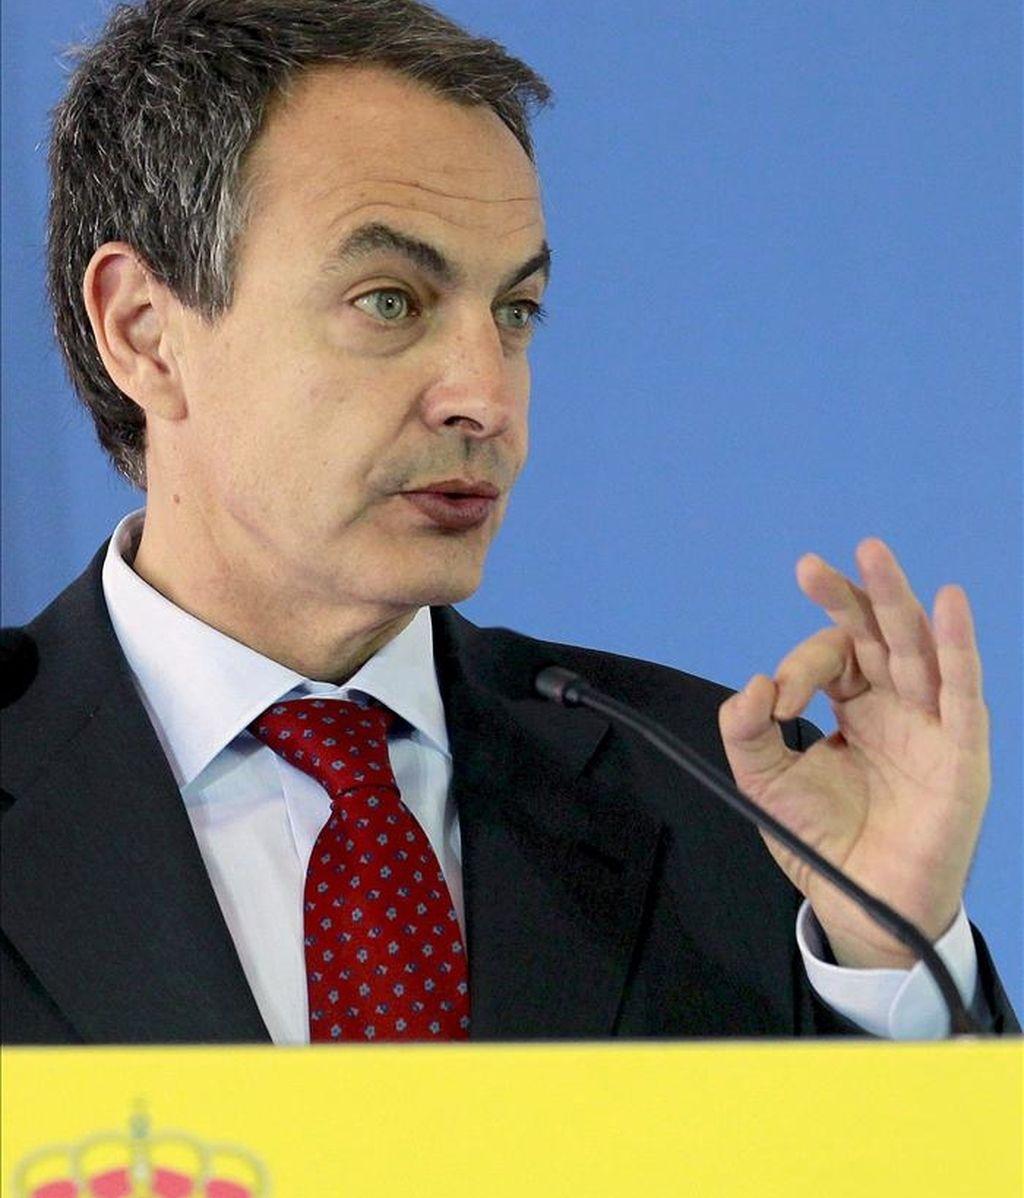 El presidente del Gobierno, José Luis Rodríguez Zapatero, durante la rueda de prensa que ofreció tras la reunión que mantuvo hoy con inversores chinos, en la residencia del embajador español en Pekín. EFE